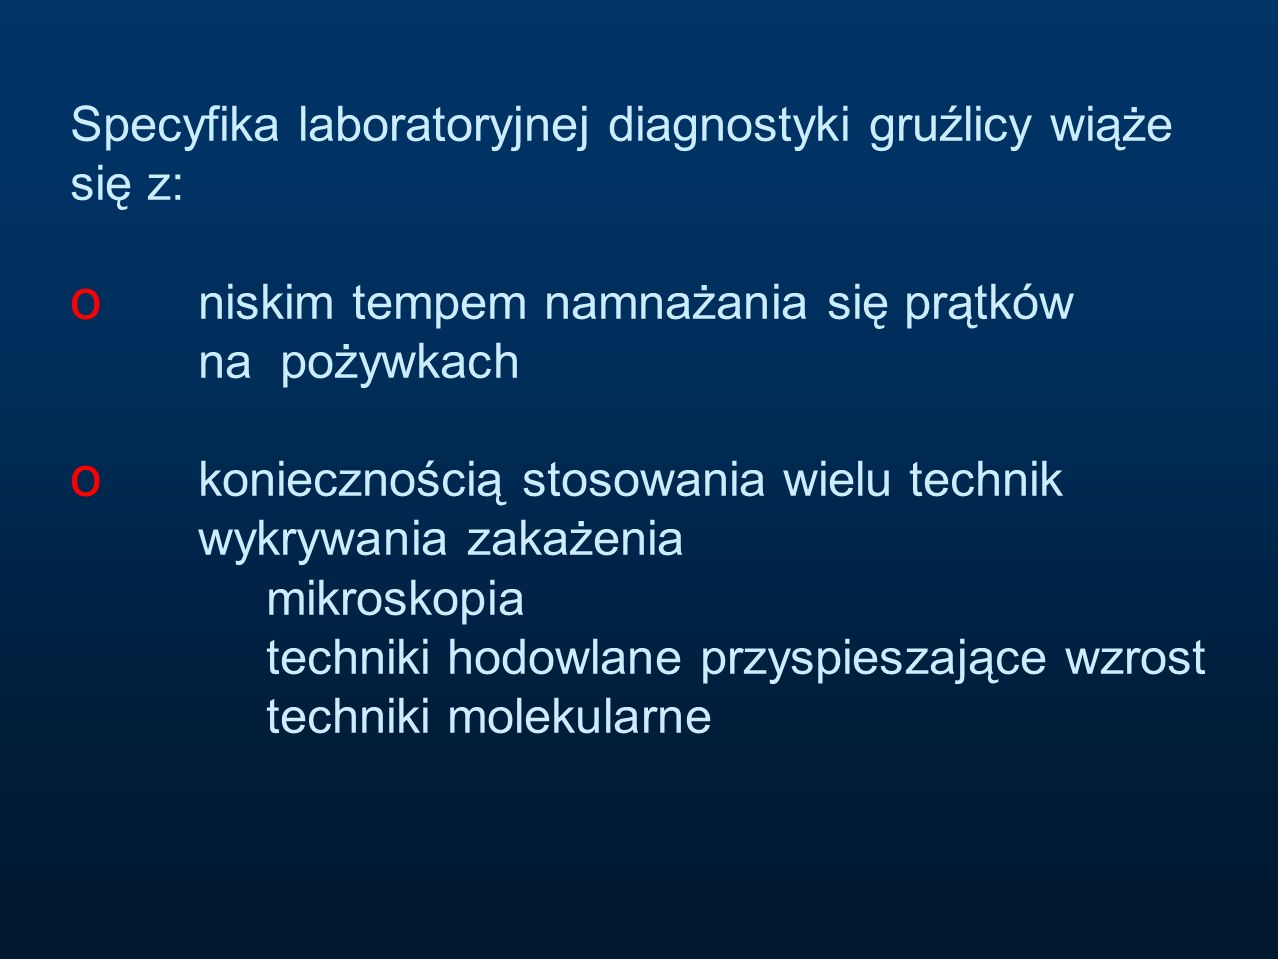 Specyfika laboratoryjnej diagnostyki gruźlicy wiąże się z: